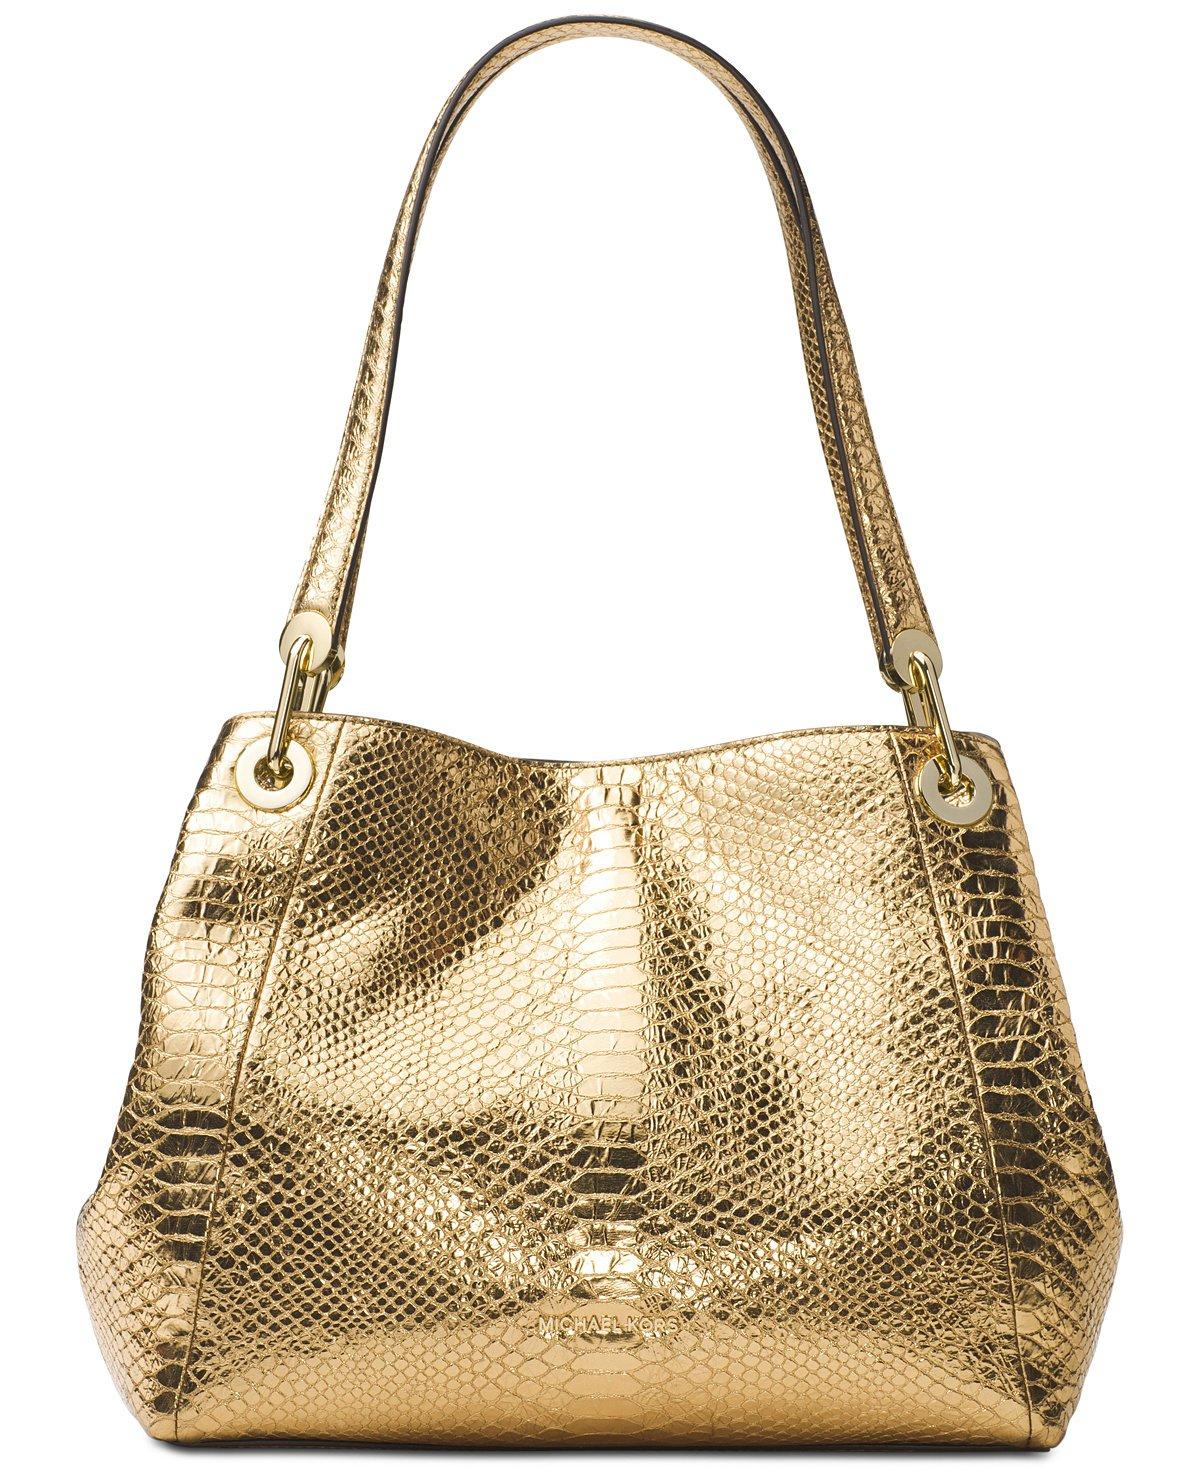 Michael Kors Women's Raven Large Leather Shoulder Bag (Gold)